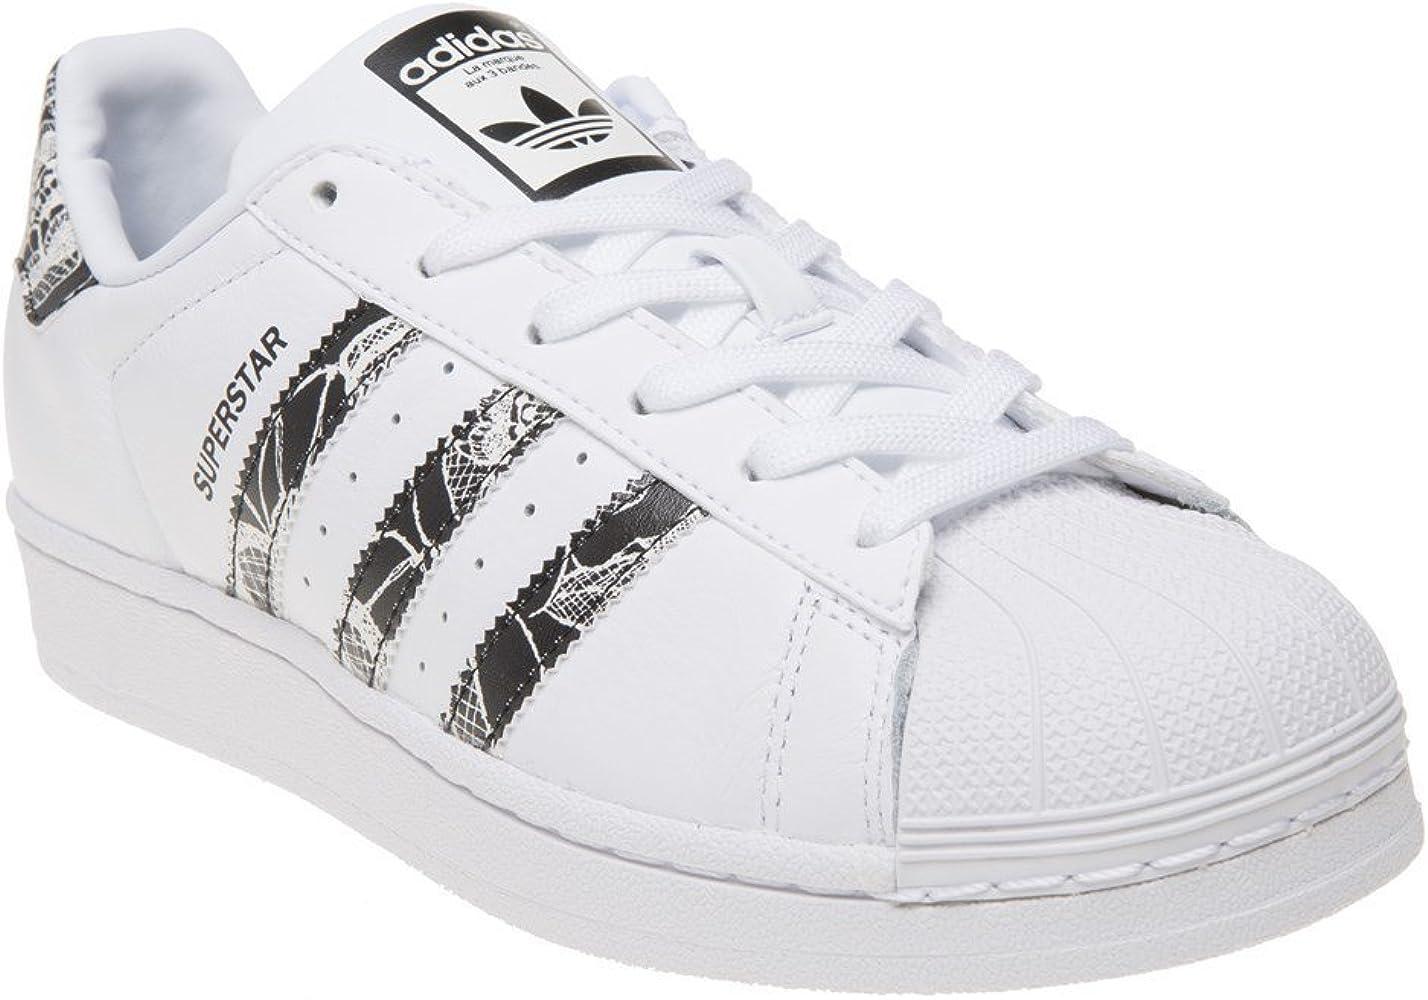 Poderoso Fragua jerarquía  adidas superstar mujer amazon - Tienda Online de Zapatos, Ropa y  Complementos de marca